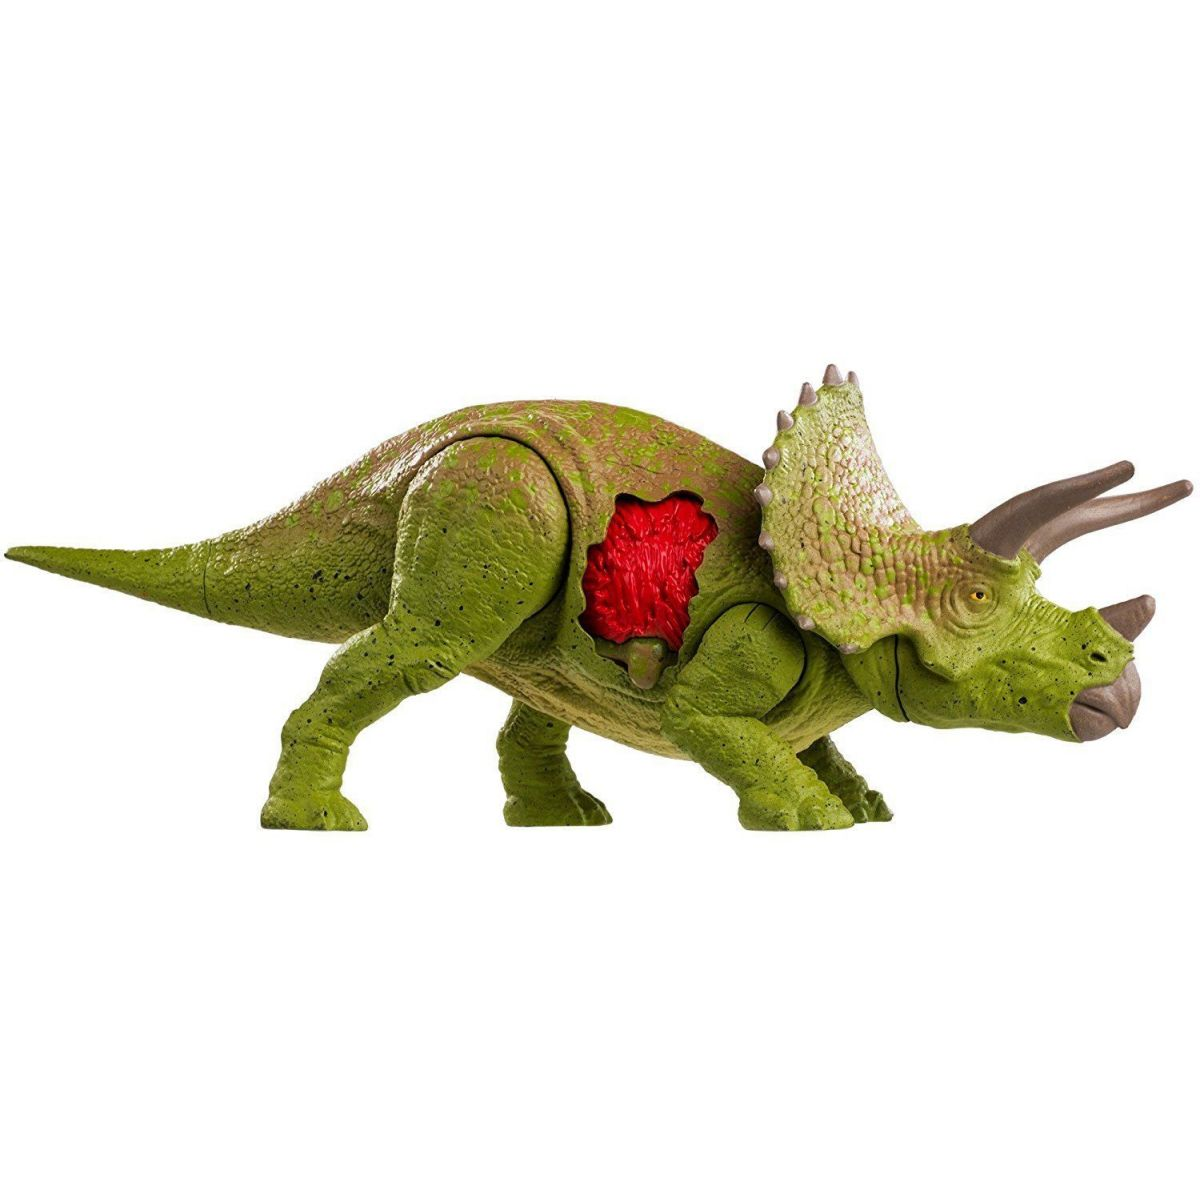 Mattel Jurassic World Ničiteľ Triceratops dinosaurus